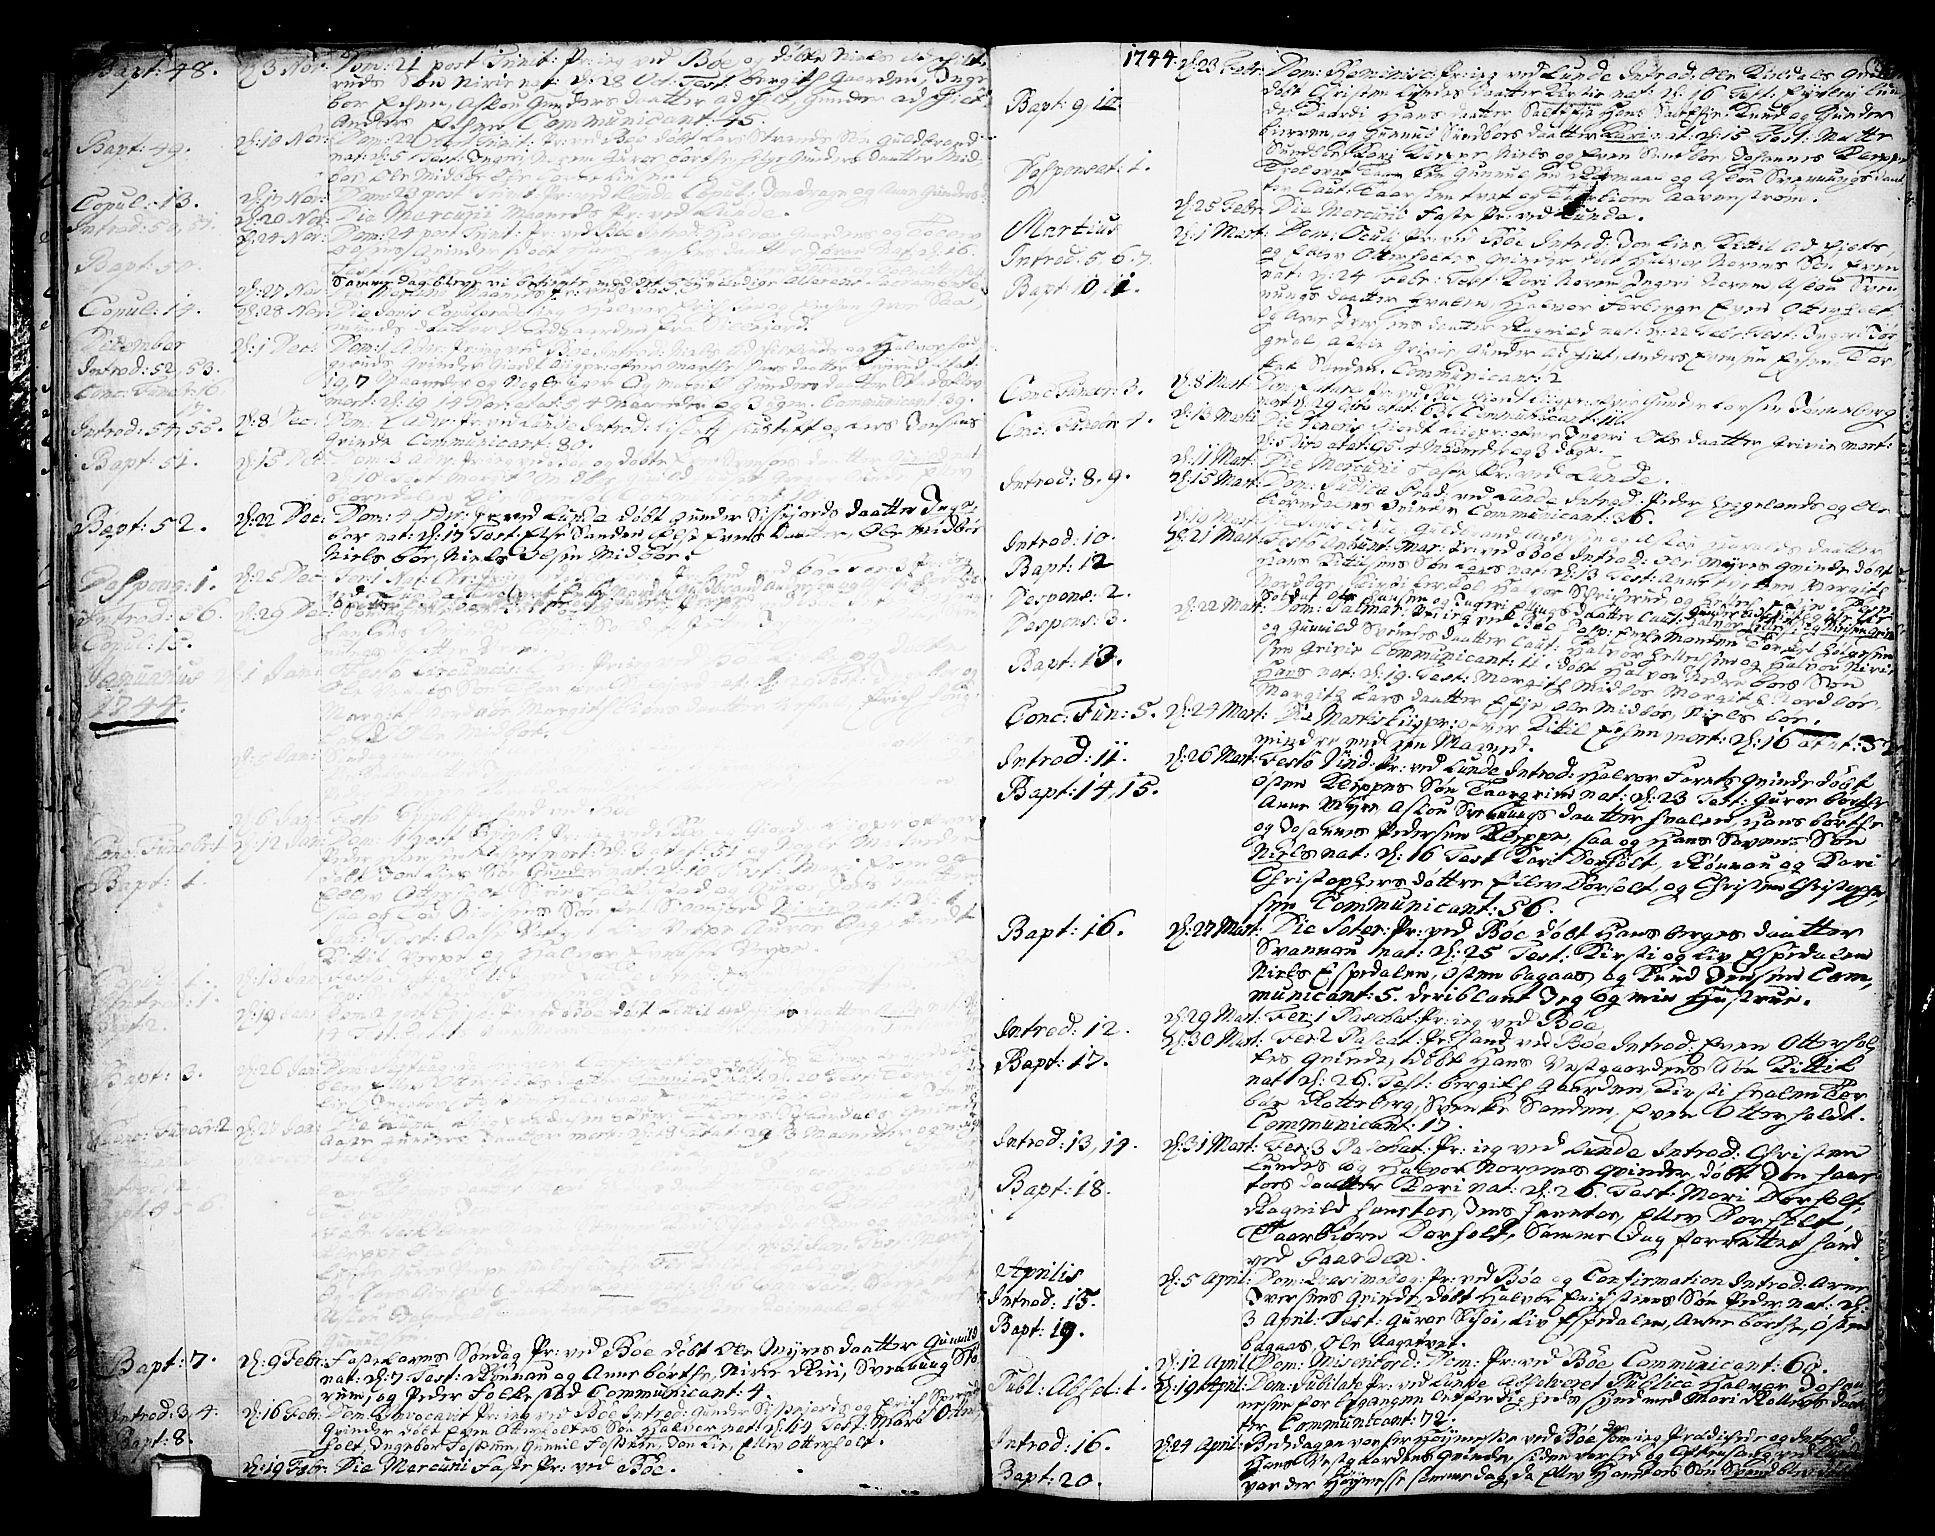 SAKO, Bø kirkebøker, F/Fa/L0003: Ministerialbok nr. 3, 1733-1748, s. 28